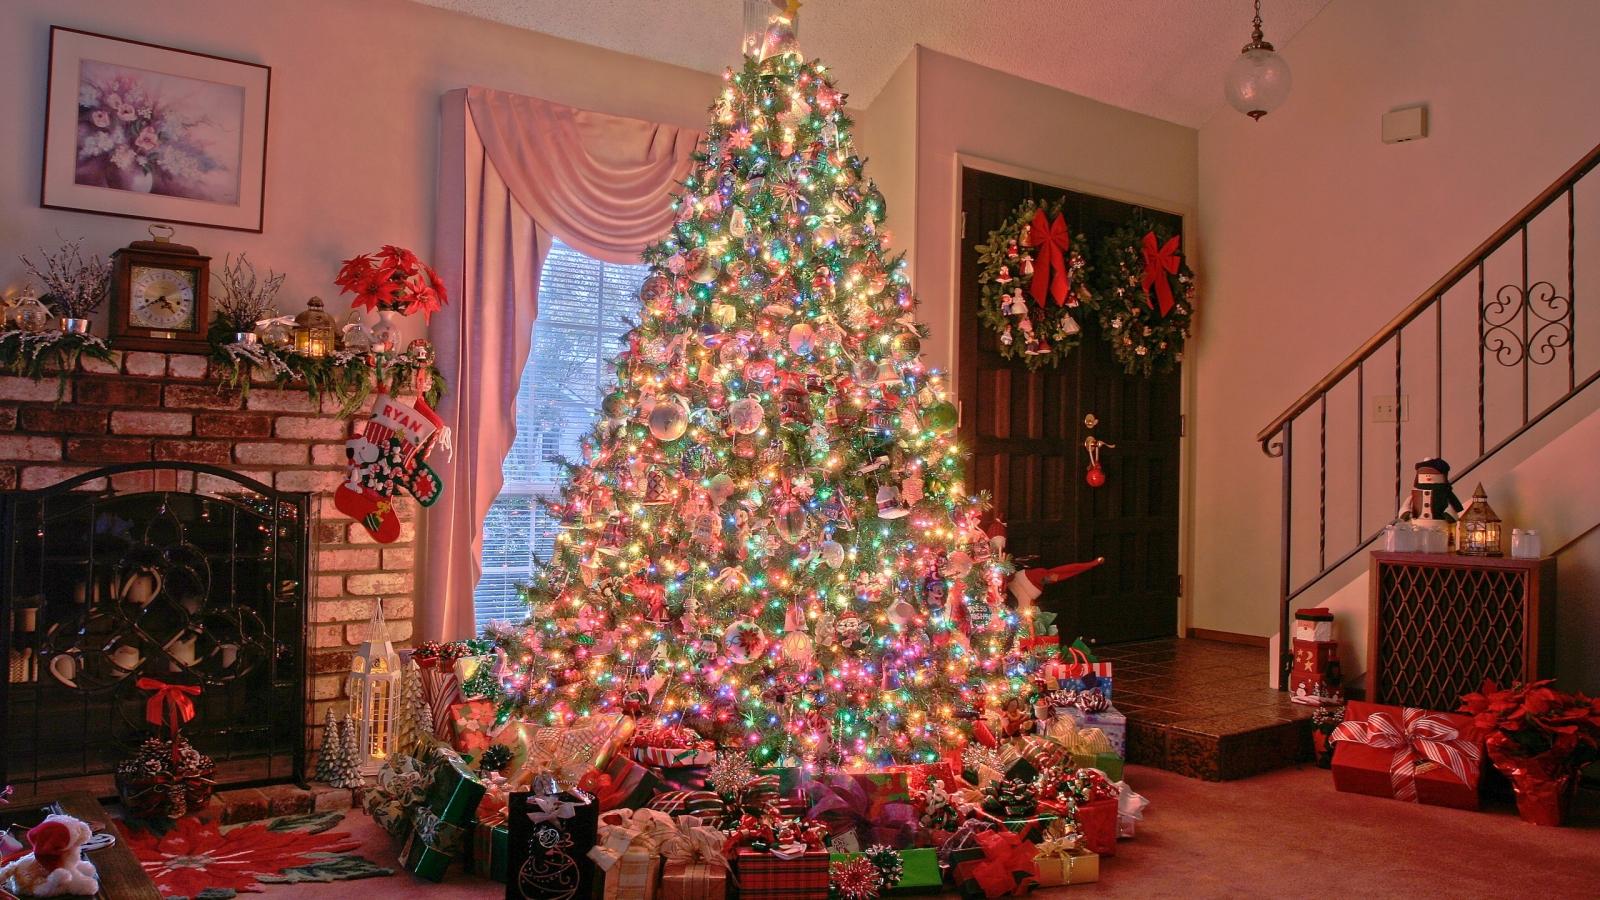 Como decorar arbol de navidad en casa - 1600x900